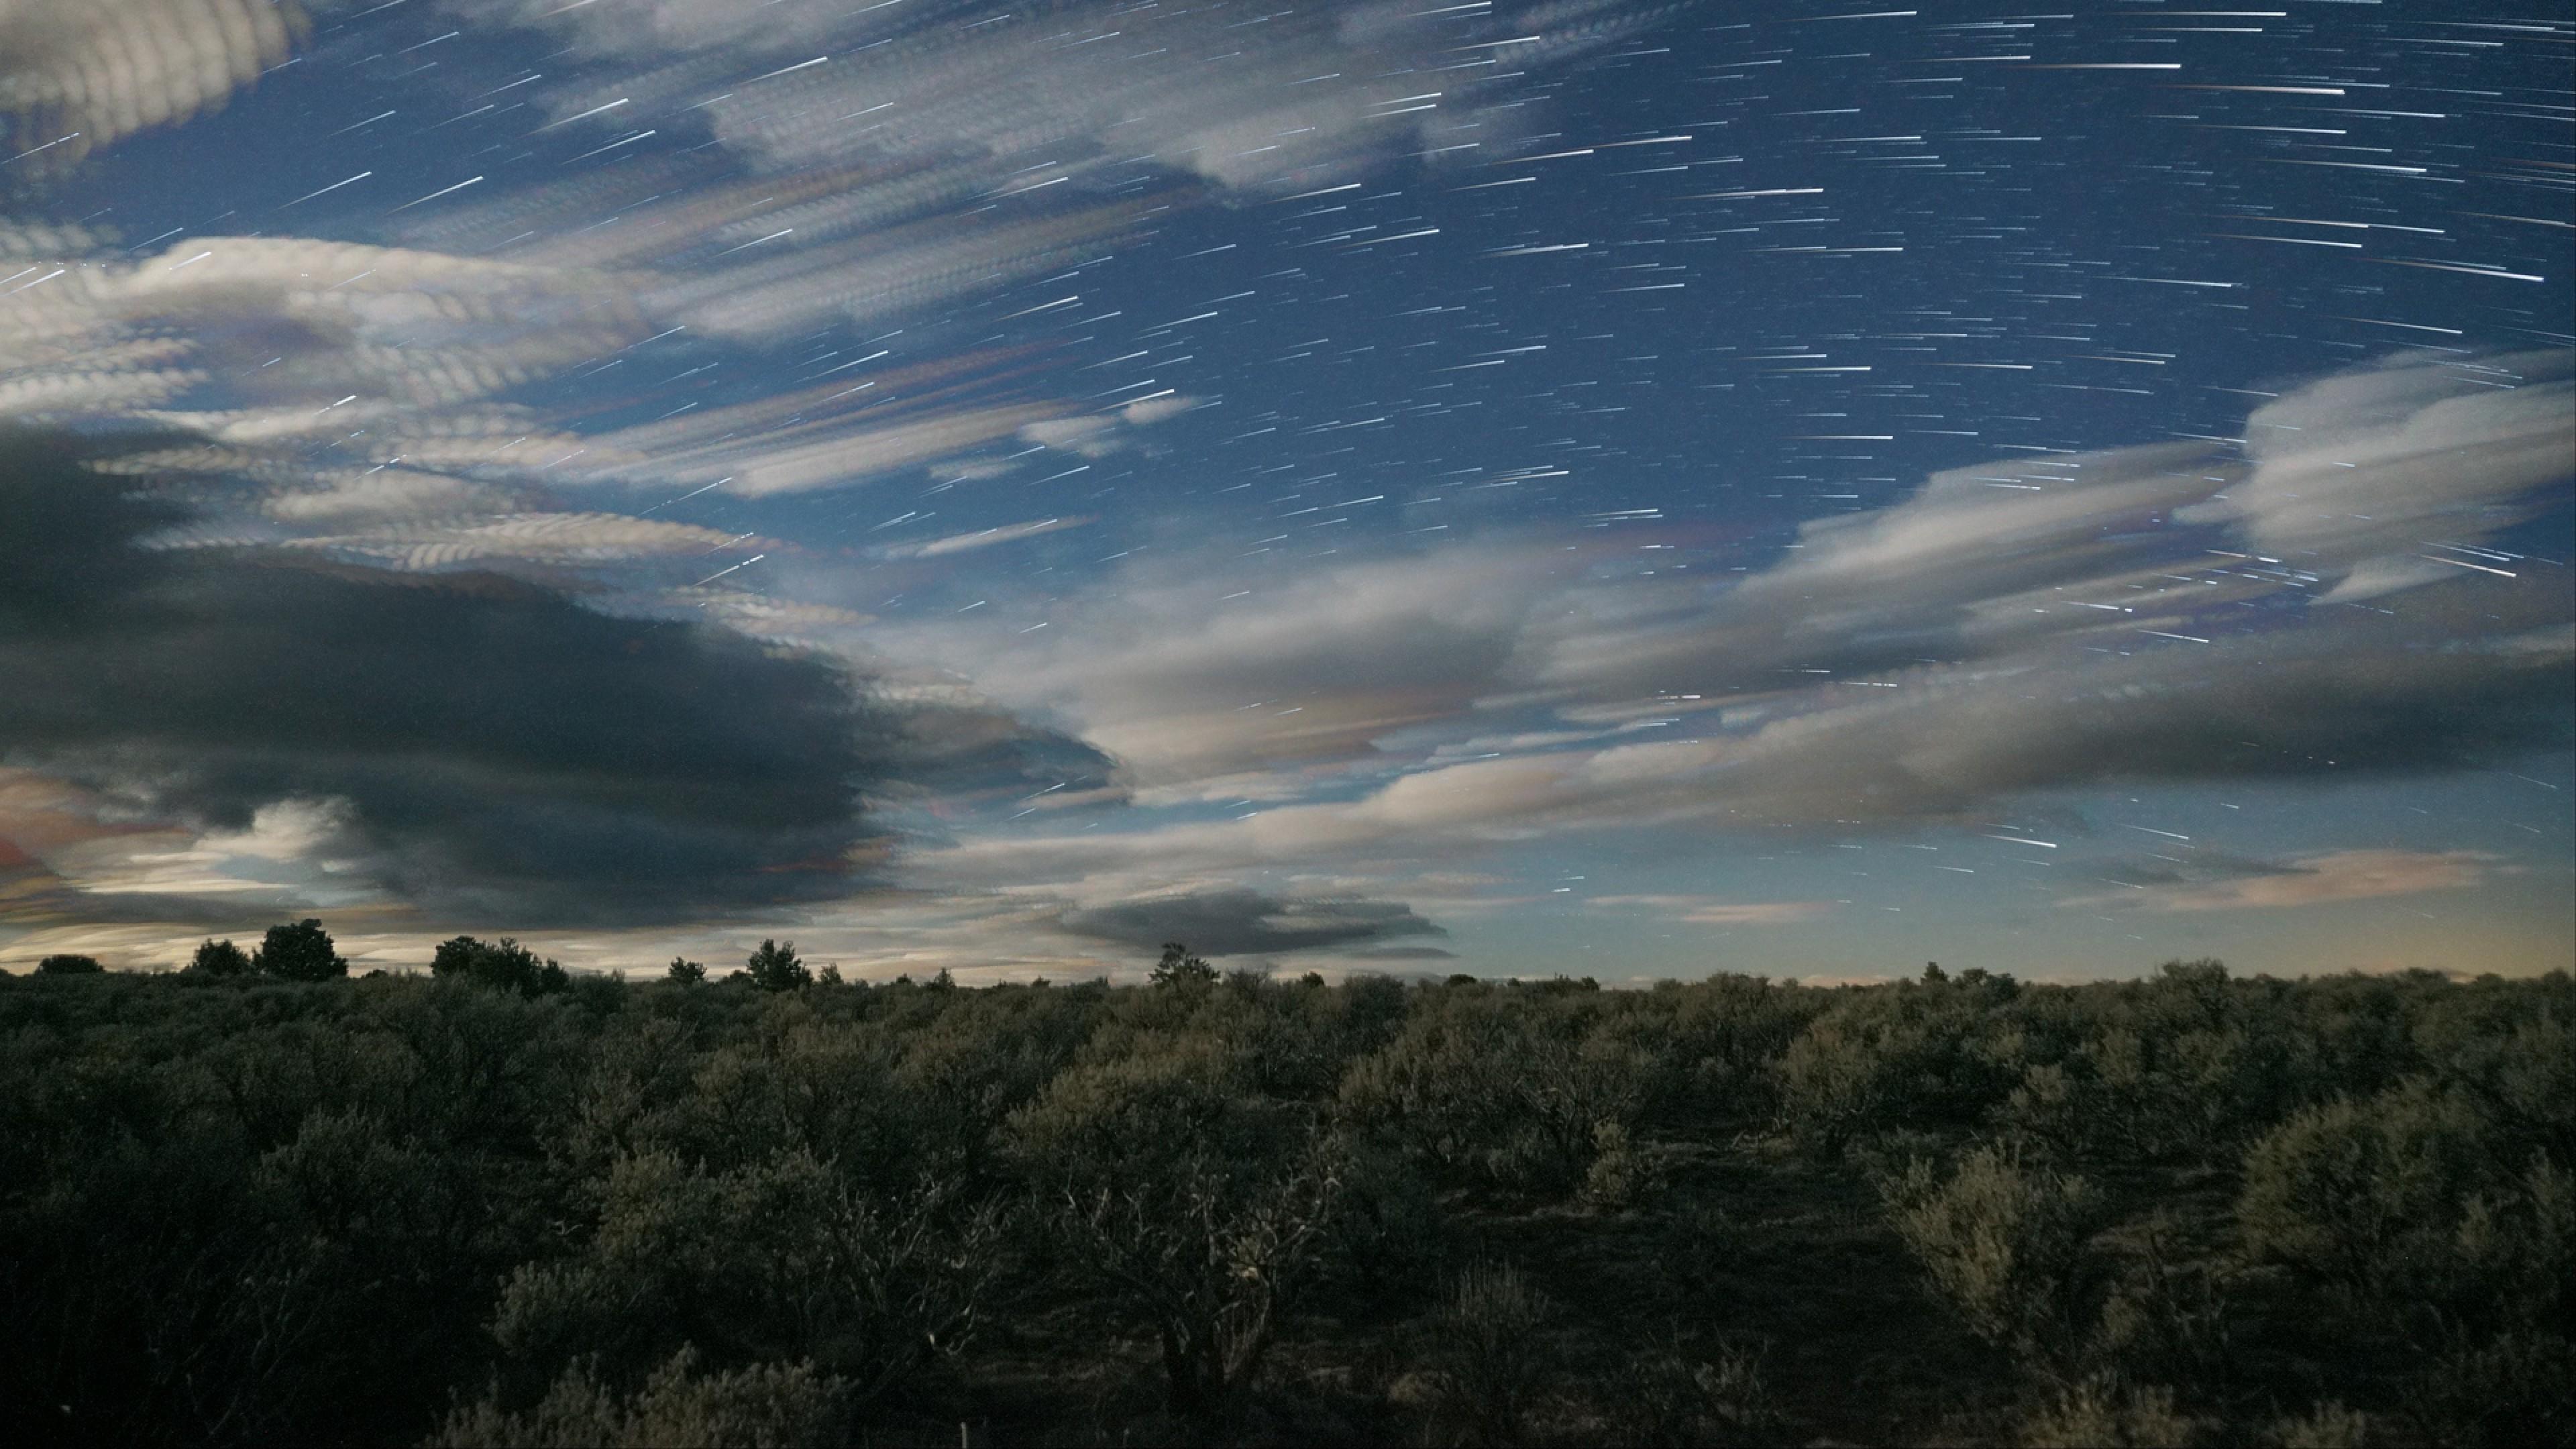 Night Sky With Stars Hd Wallpaper 4k Ultra Hd Hd Wallpaper